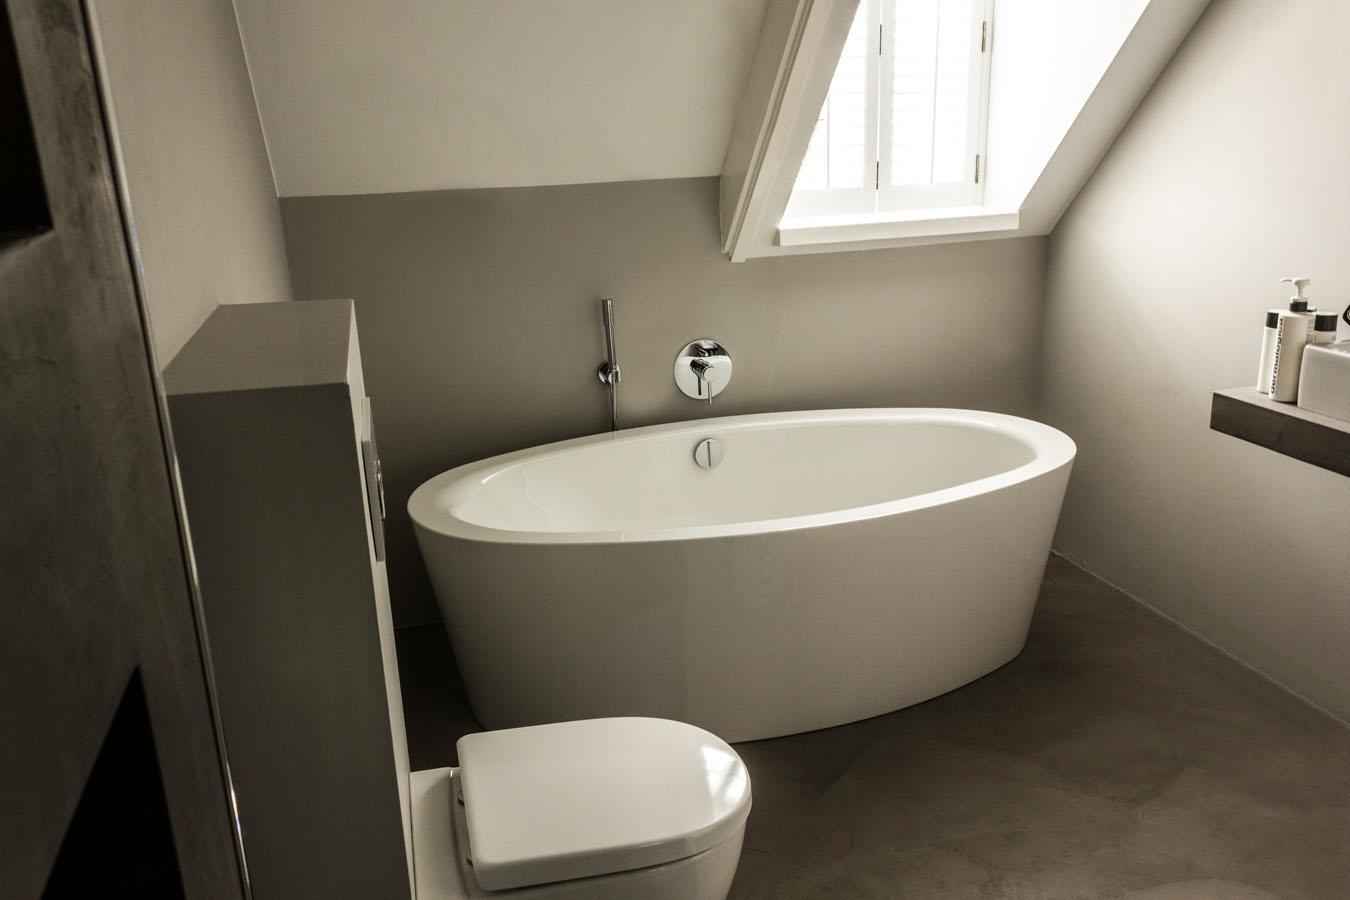 Badkamer Beton Interieur : In tens groep badkamer